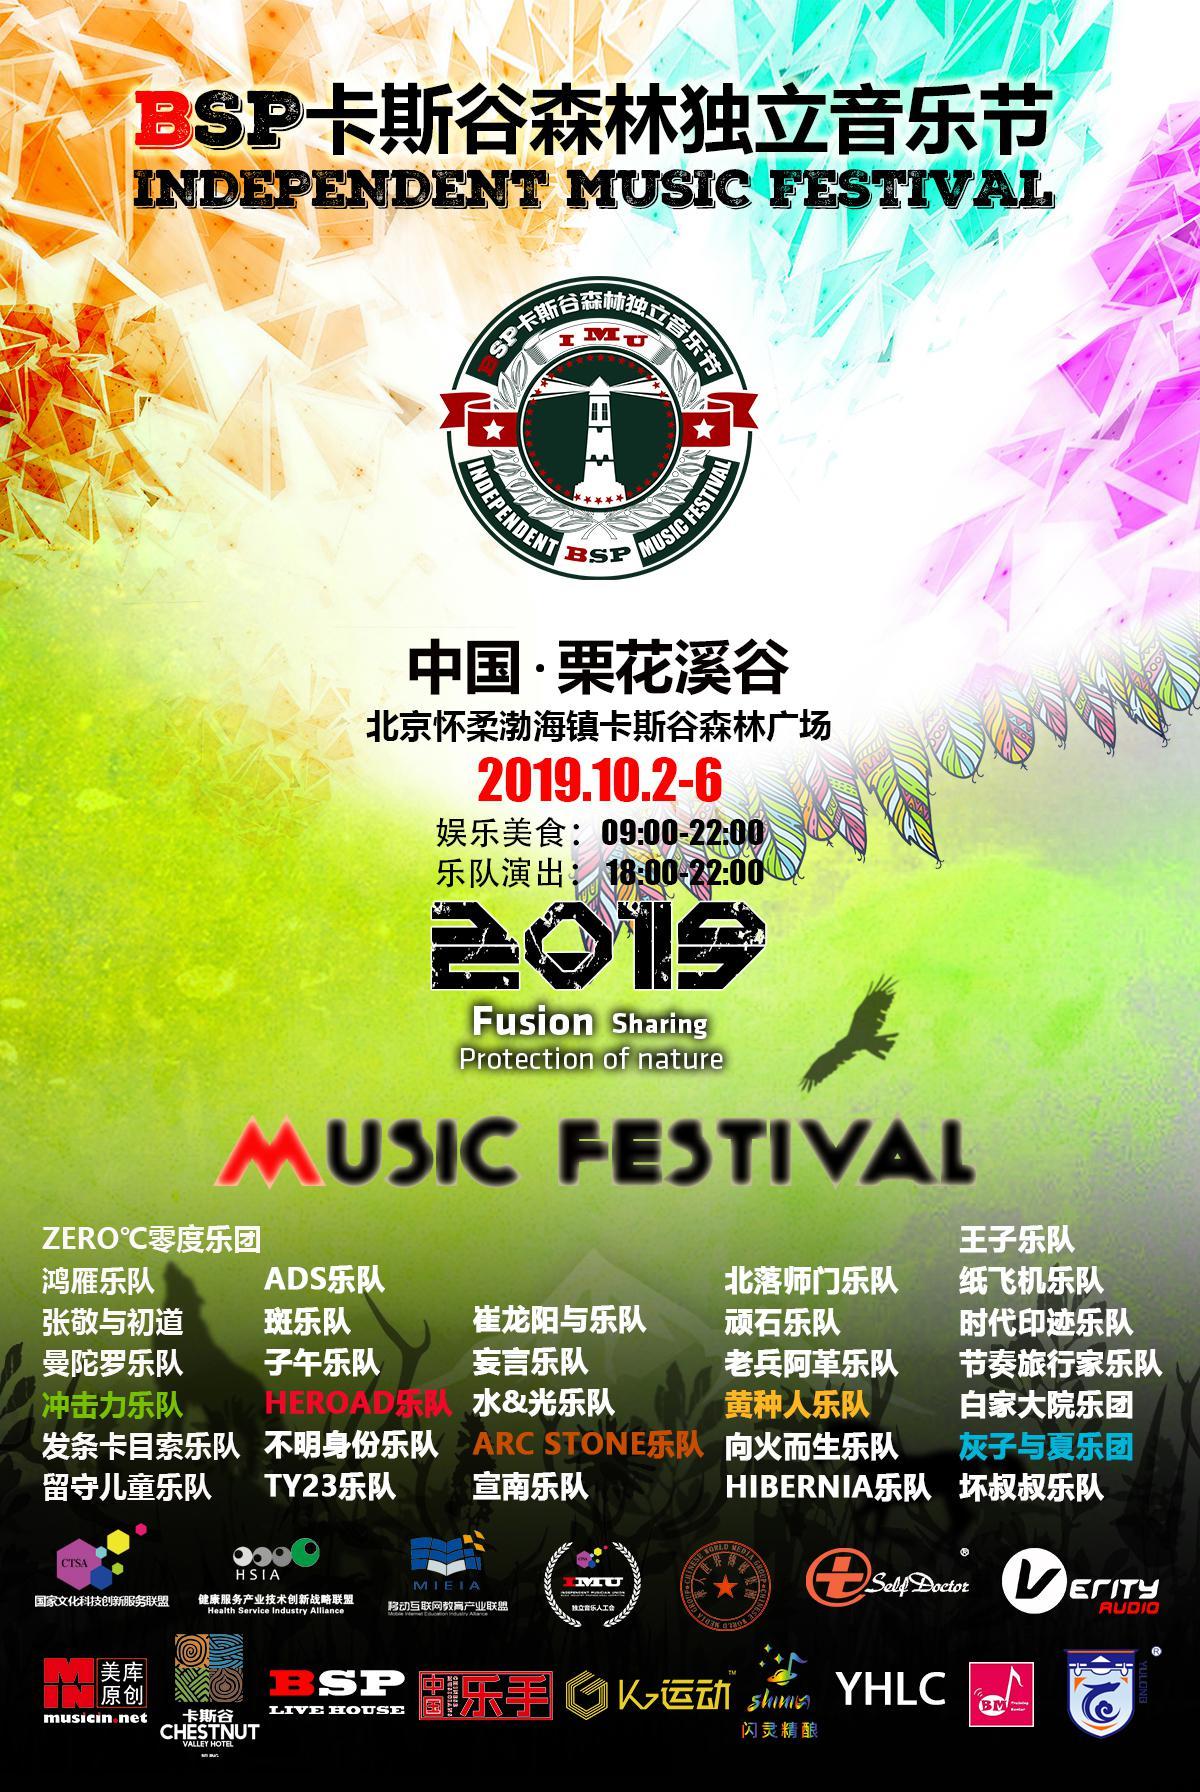 """10月2-6日""""BSP卡斯谷森林独立音乐节""""将在北京怀柔举办"""